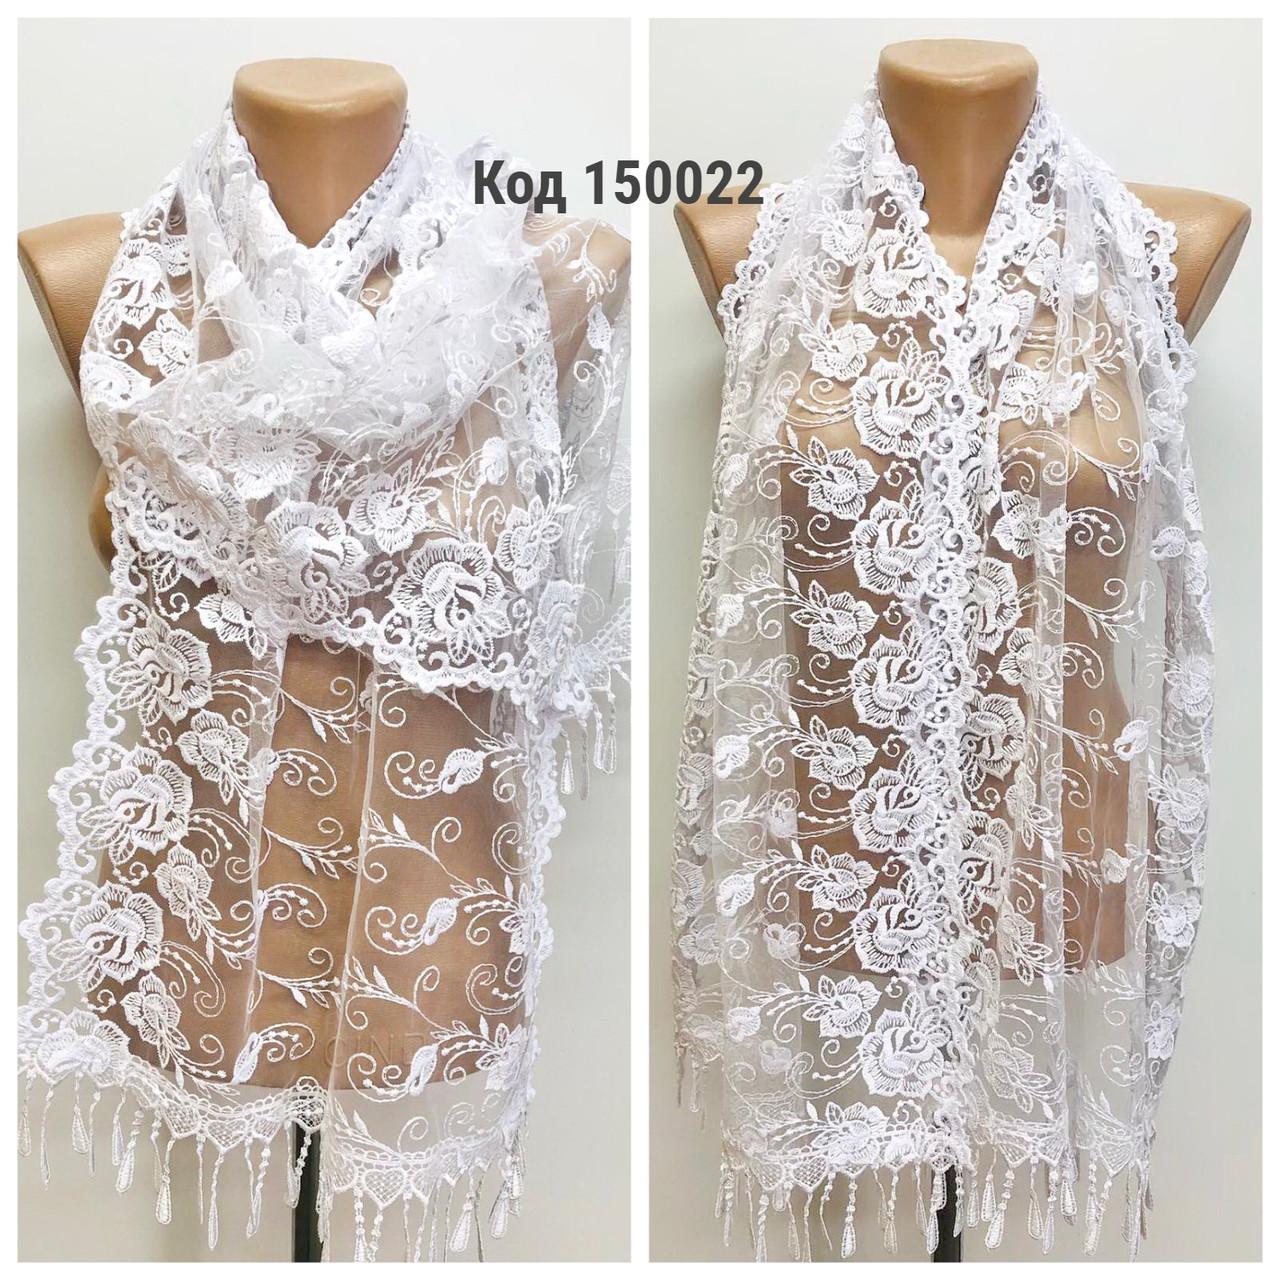 Шарф белый ажурный фатиновый свадебный церковный 150022